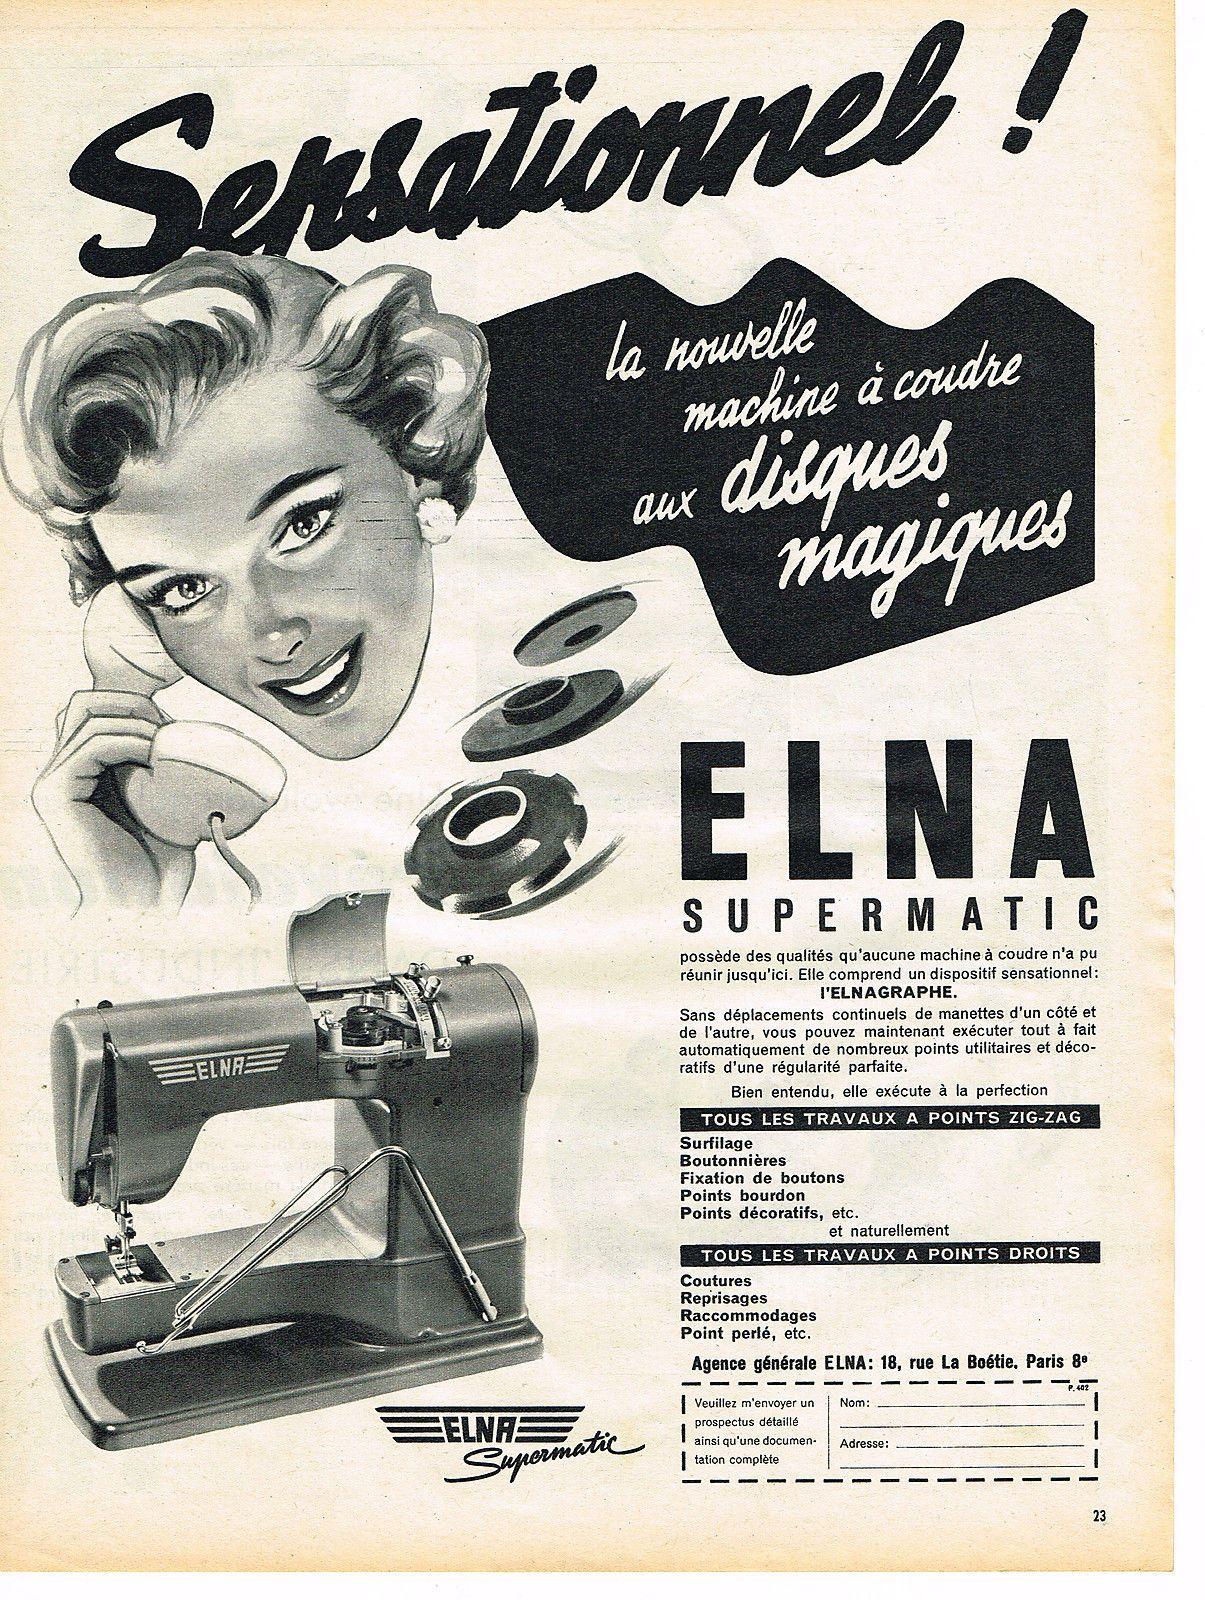 publicite advertising 1954 elna machine coudre ebay elna vintage pinterest coudre. Black Bedroom Furniture Sets. Home Design Ideas